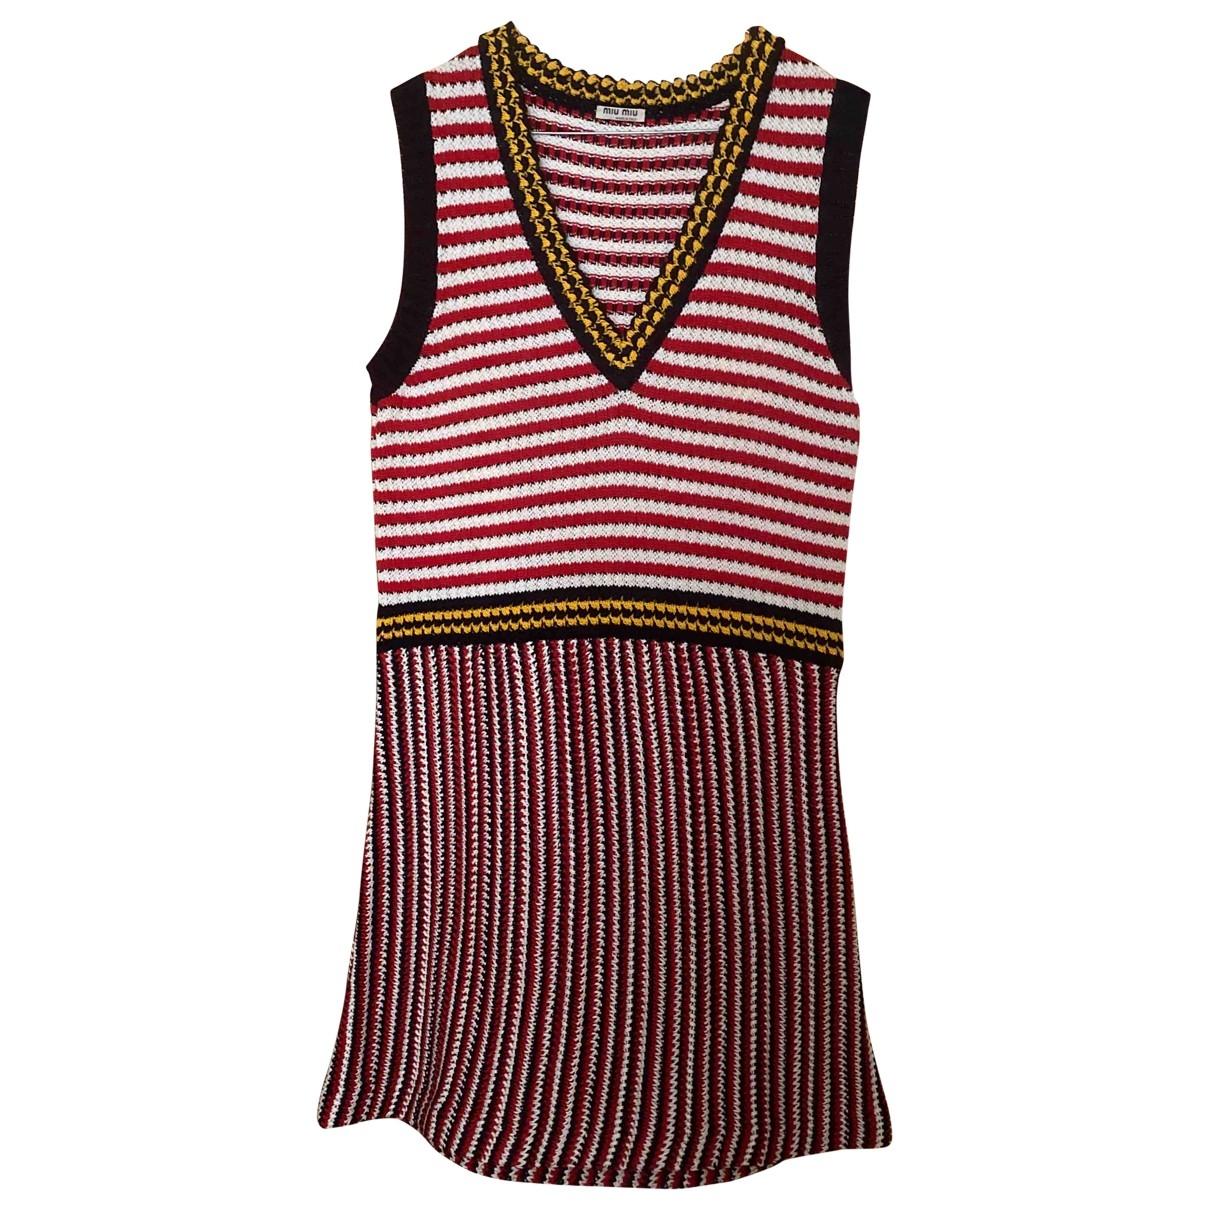 Miu Miu \N Kleid in Baumwolle